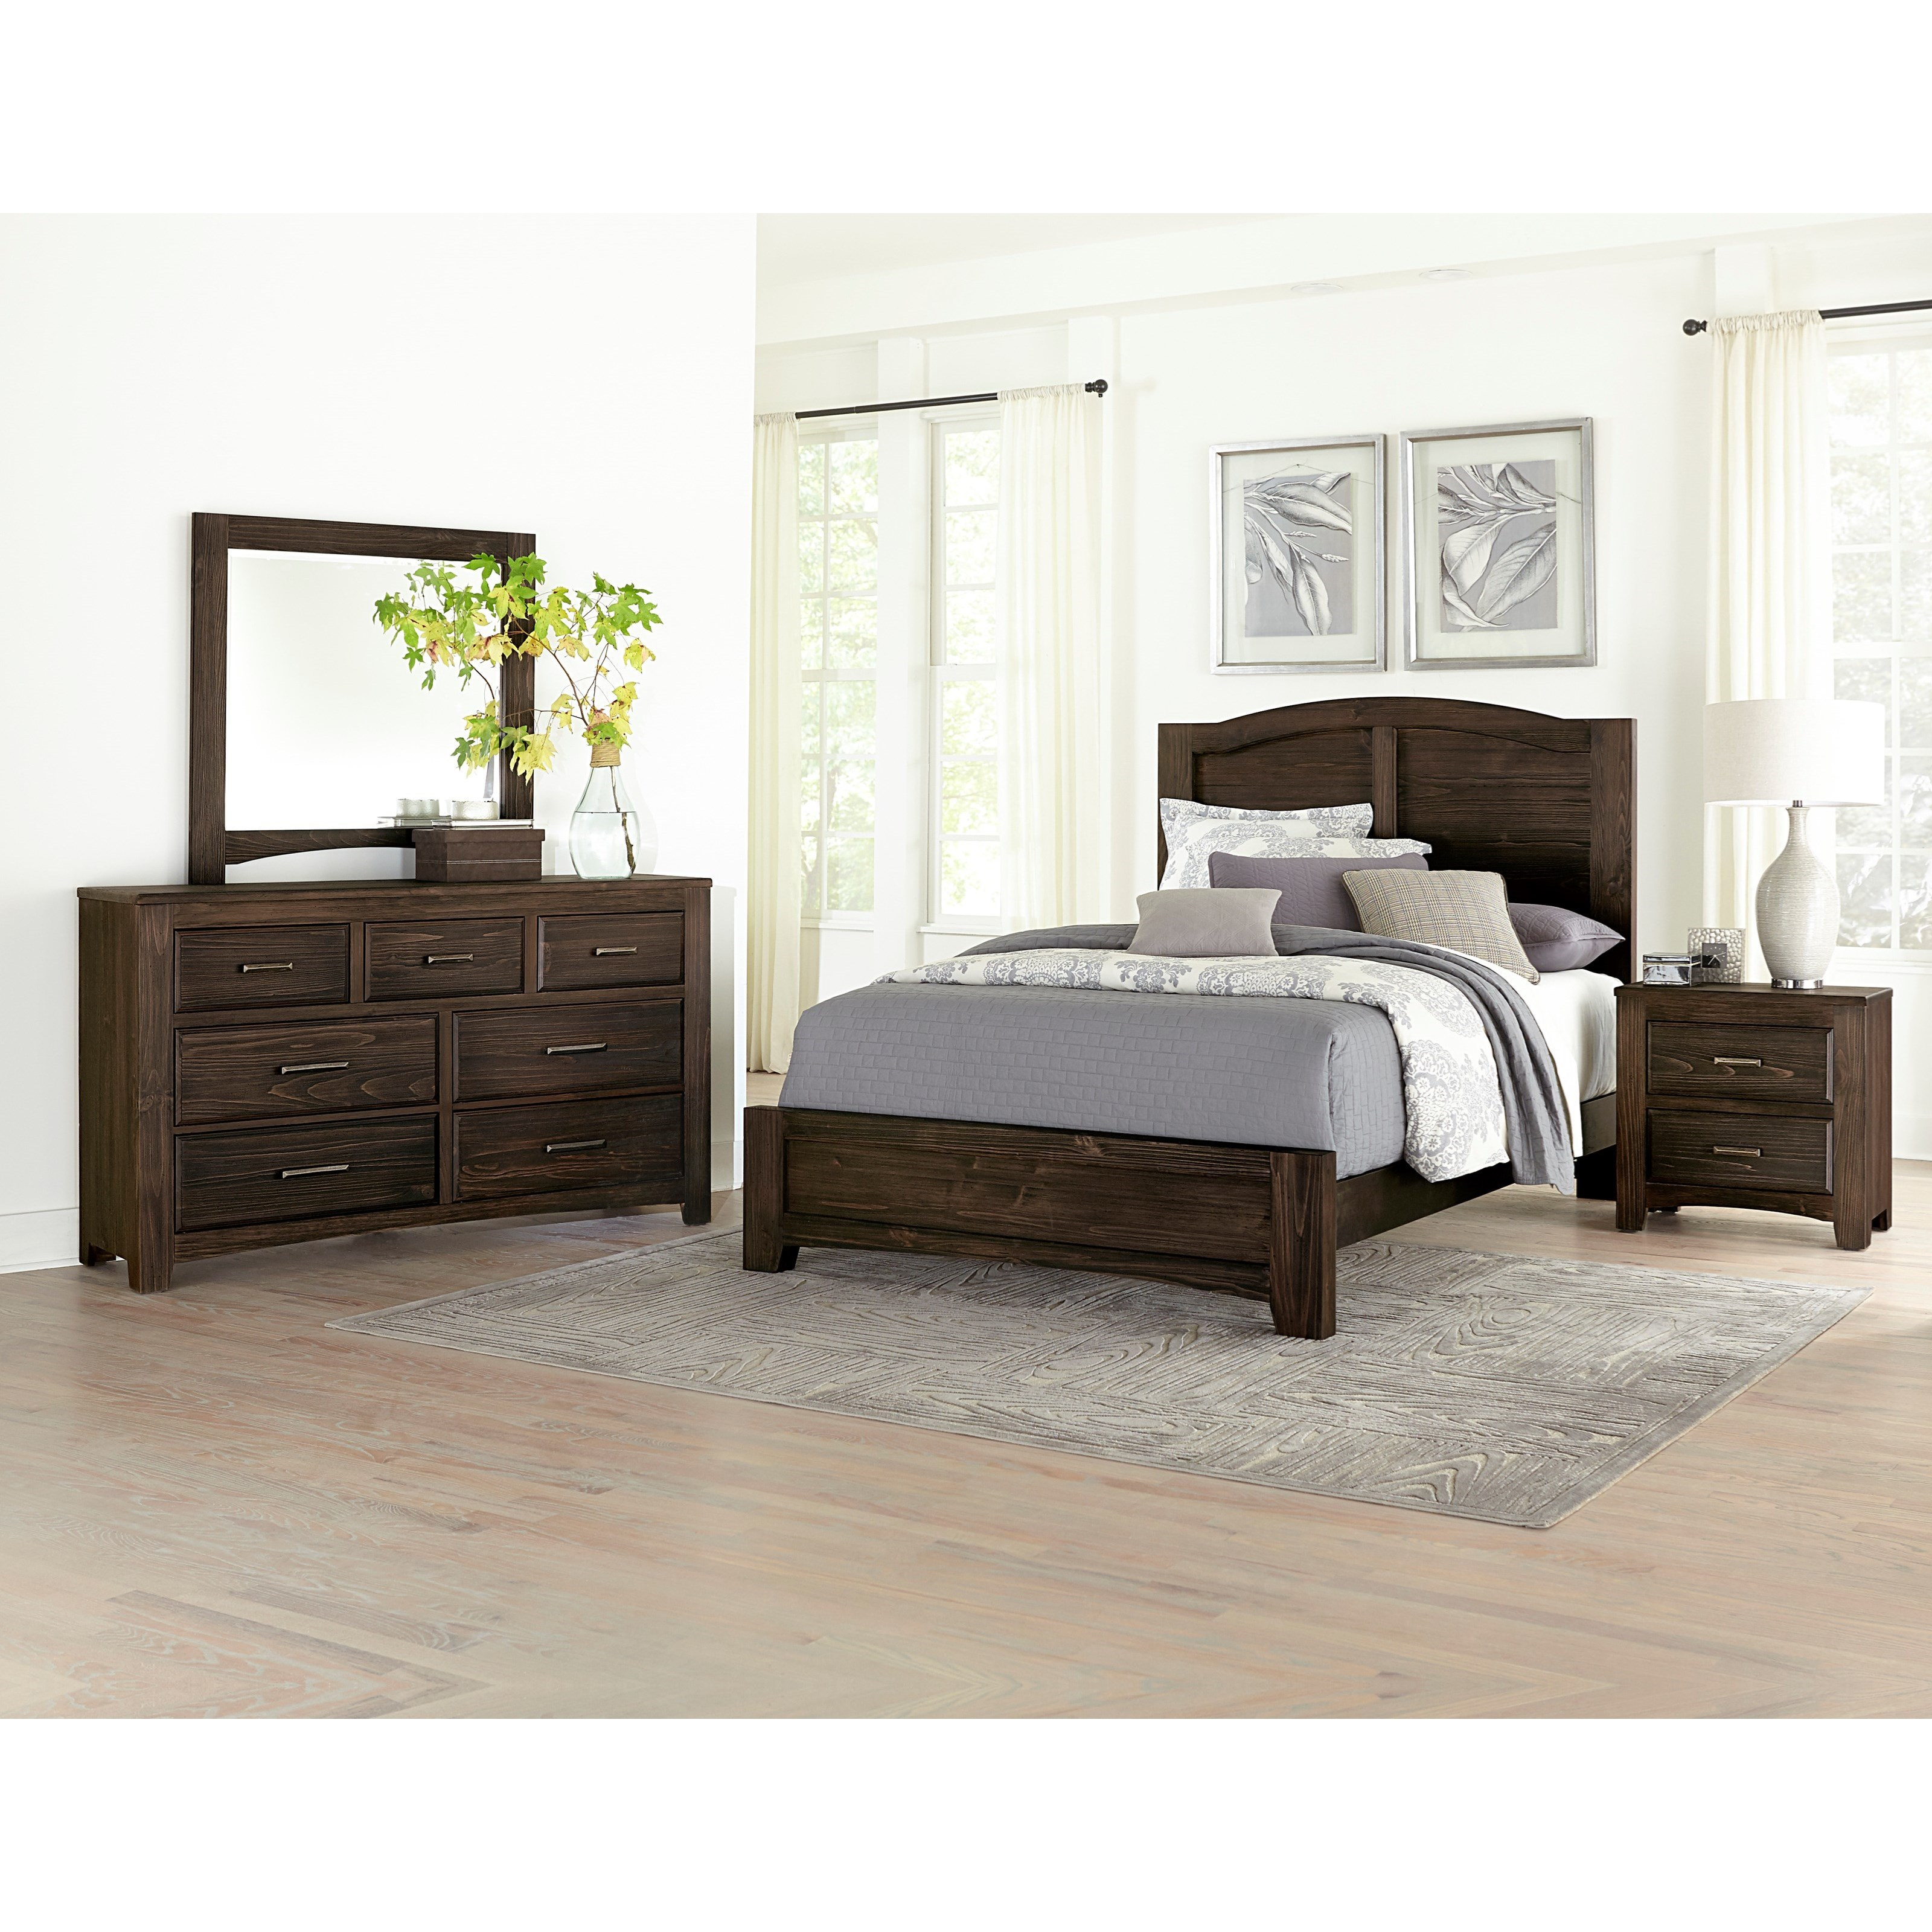 Vaughan bassett cottage too queen bedroom group value for Bedroom groups